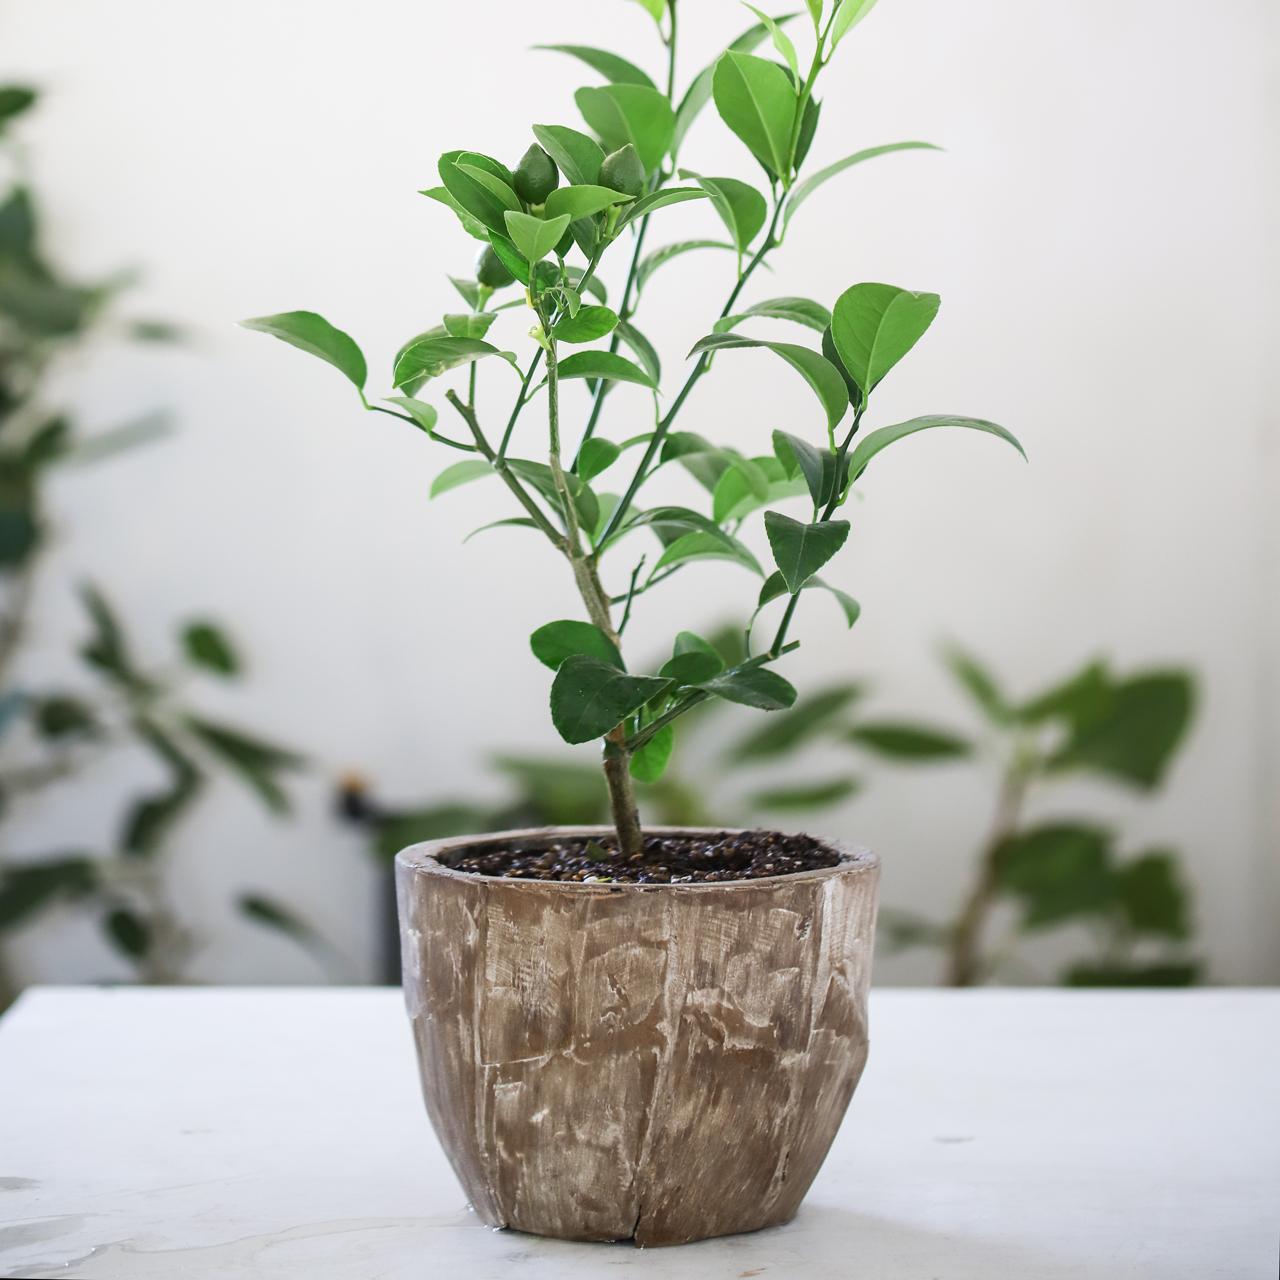 【父の日におすすめ】レモンの木栽培キット